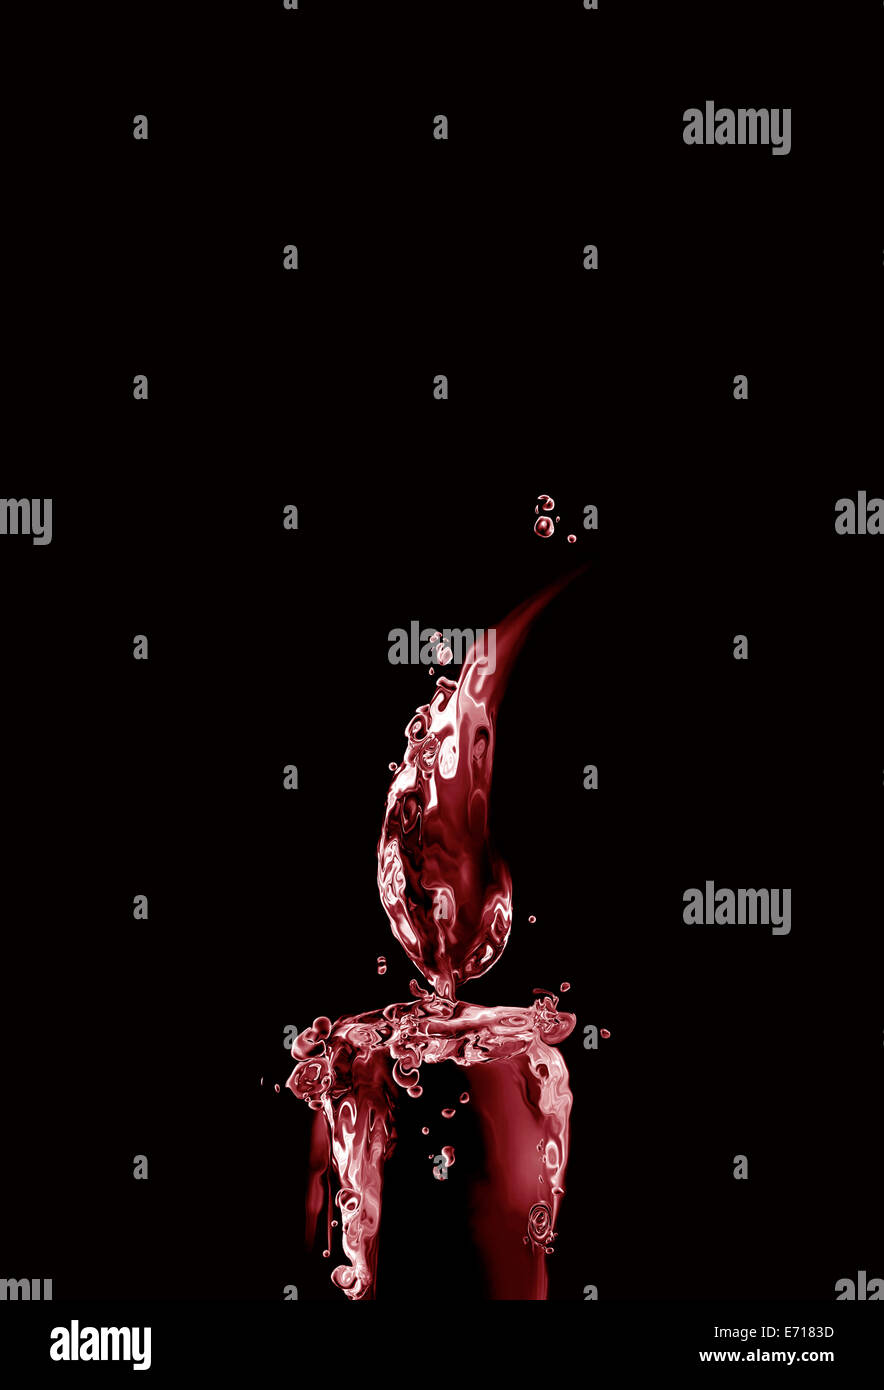 Eine beleuchtete dunkle rote Wasser Kerze aus roter Flüssigkeit hergestellt. Stockbild